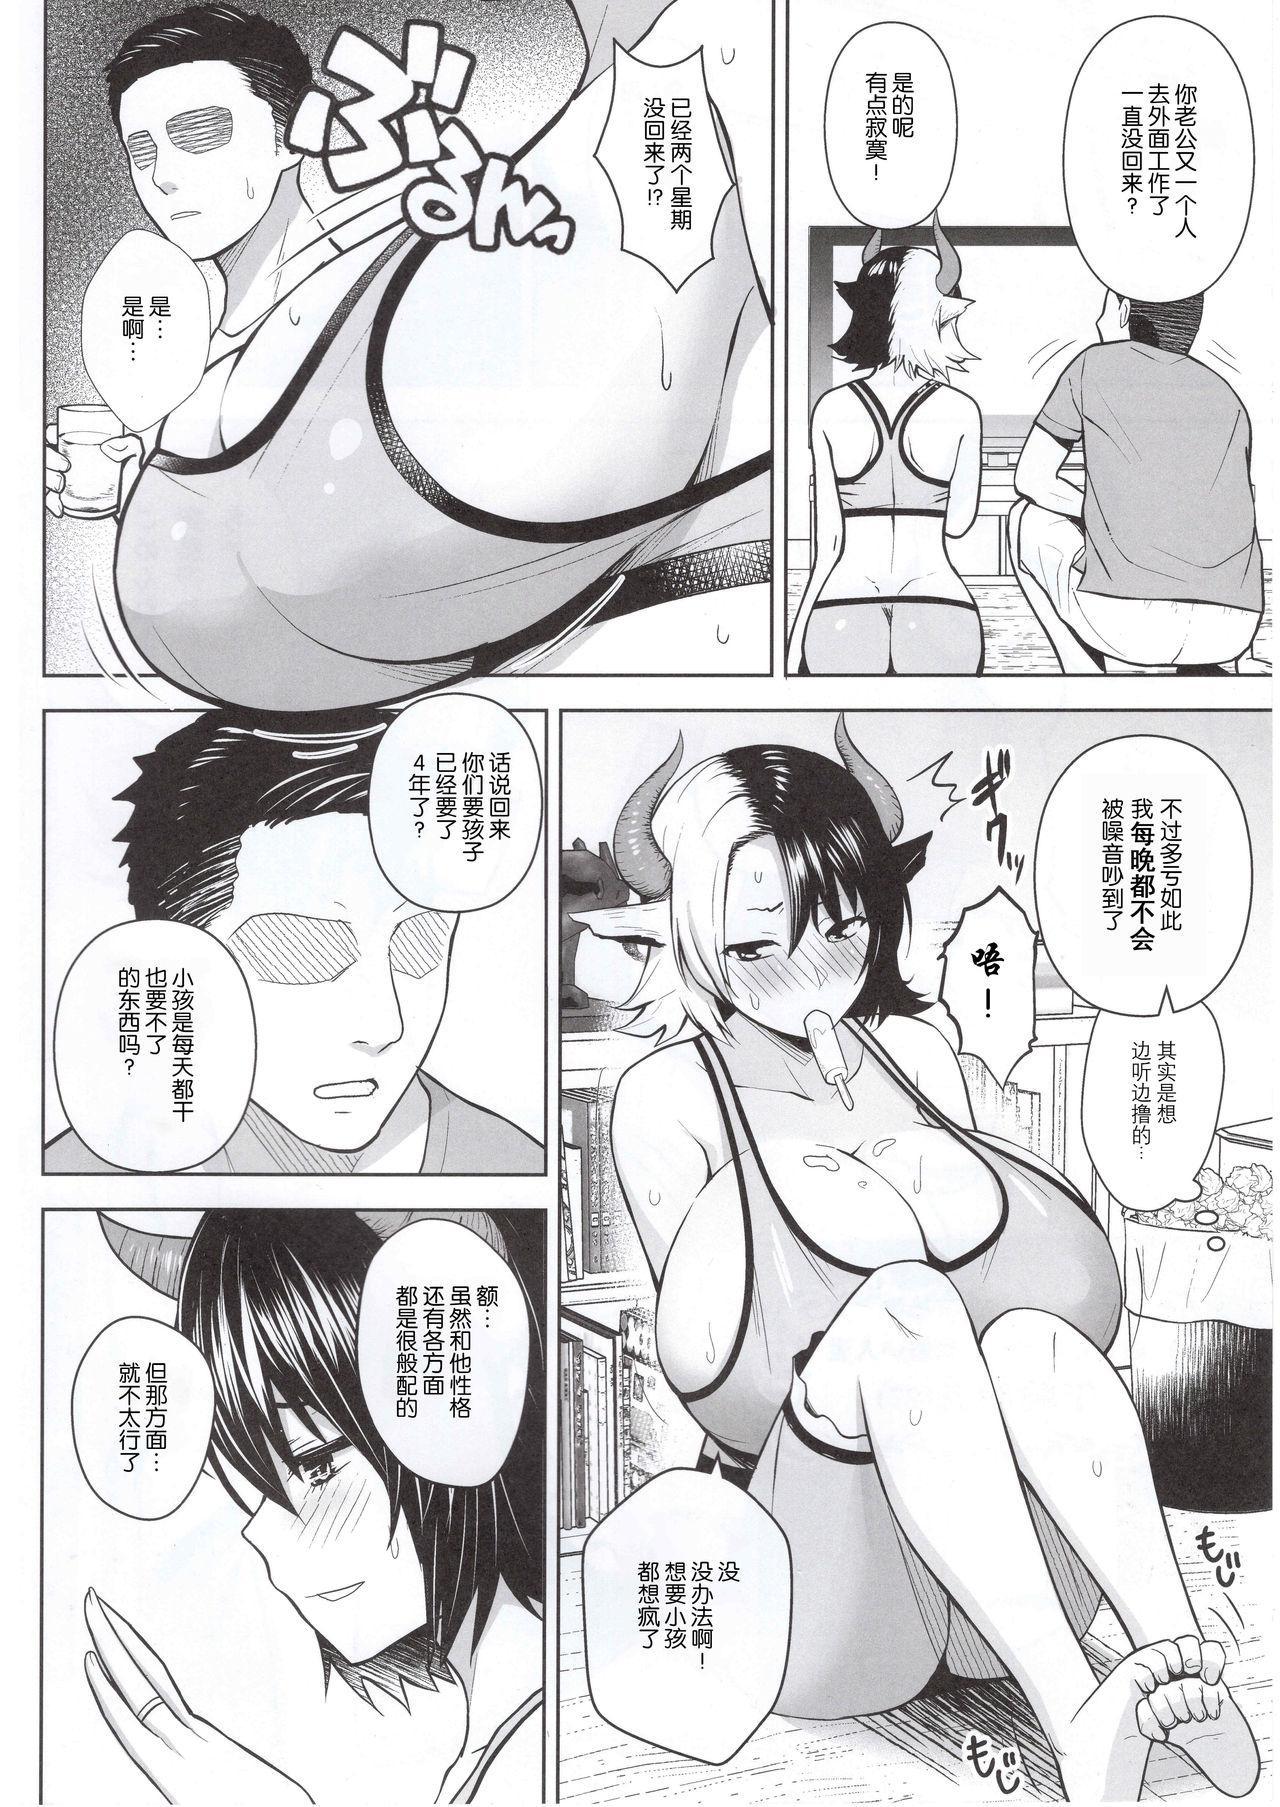 Oku-san no Oppai ga Dekasugiru noga Warui! 2